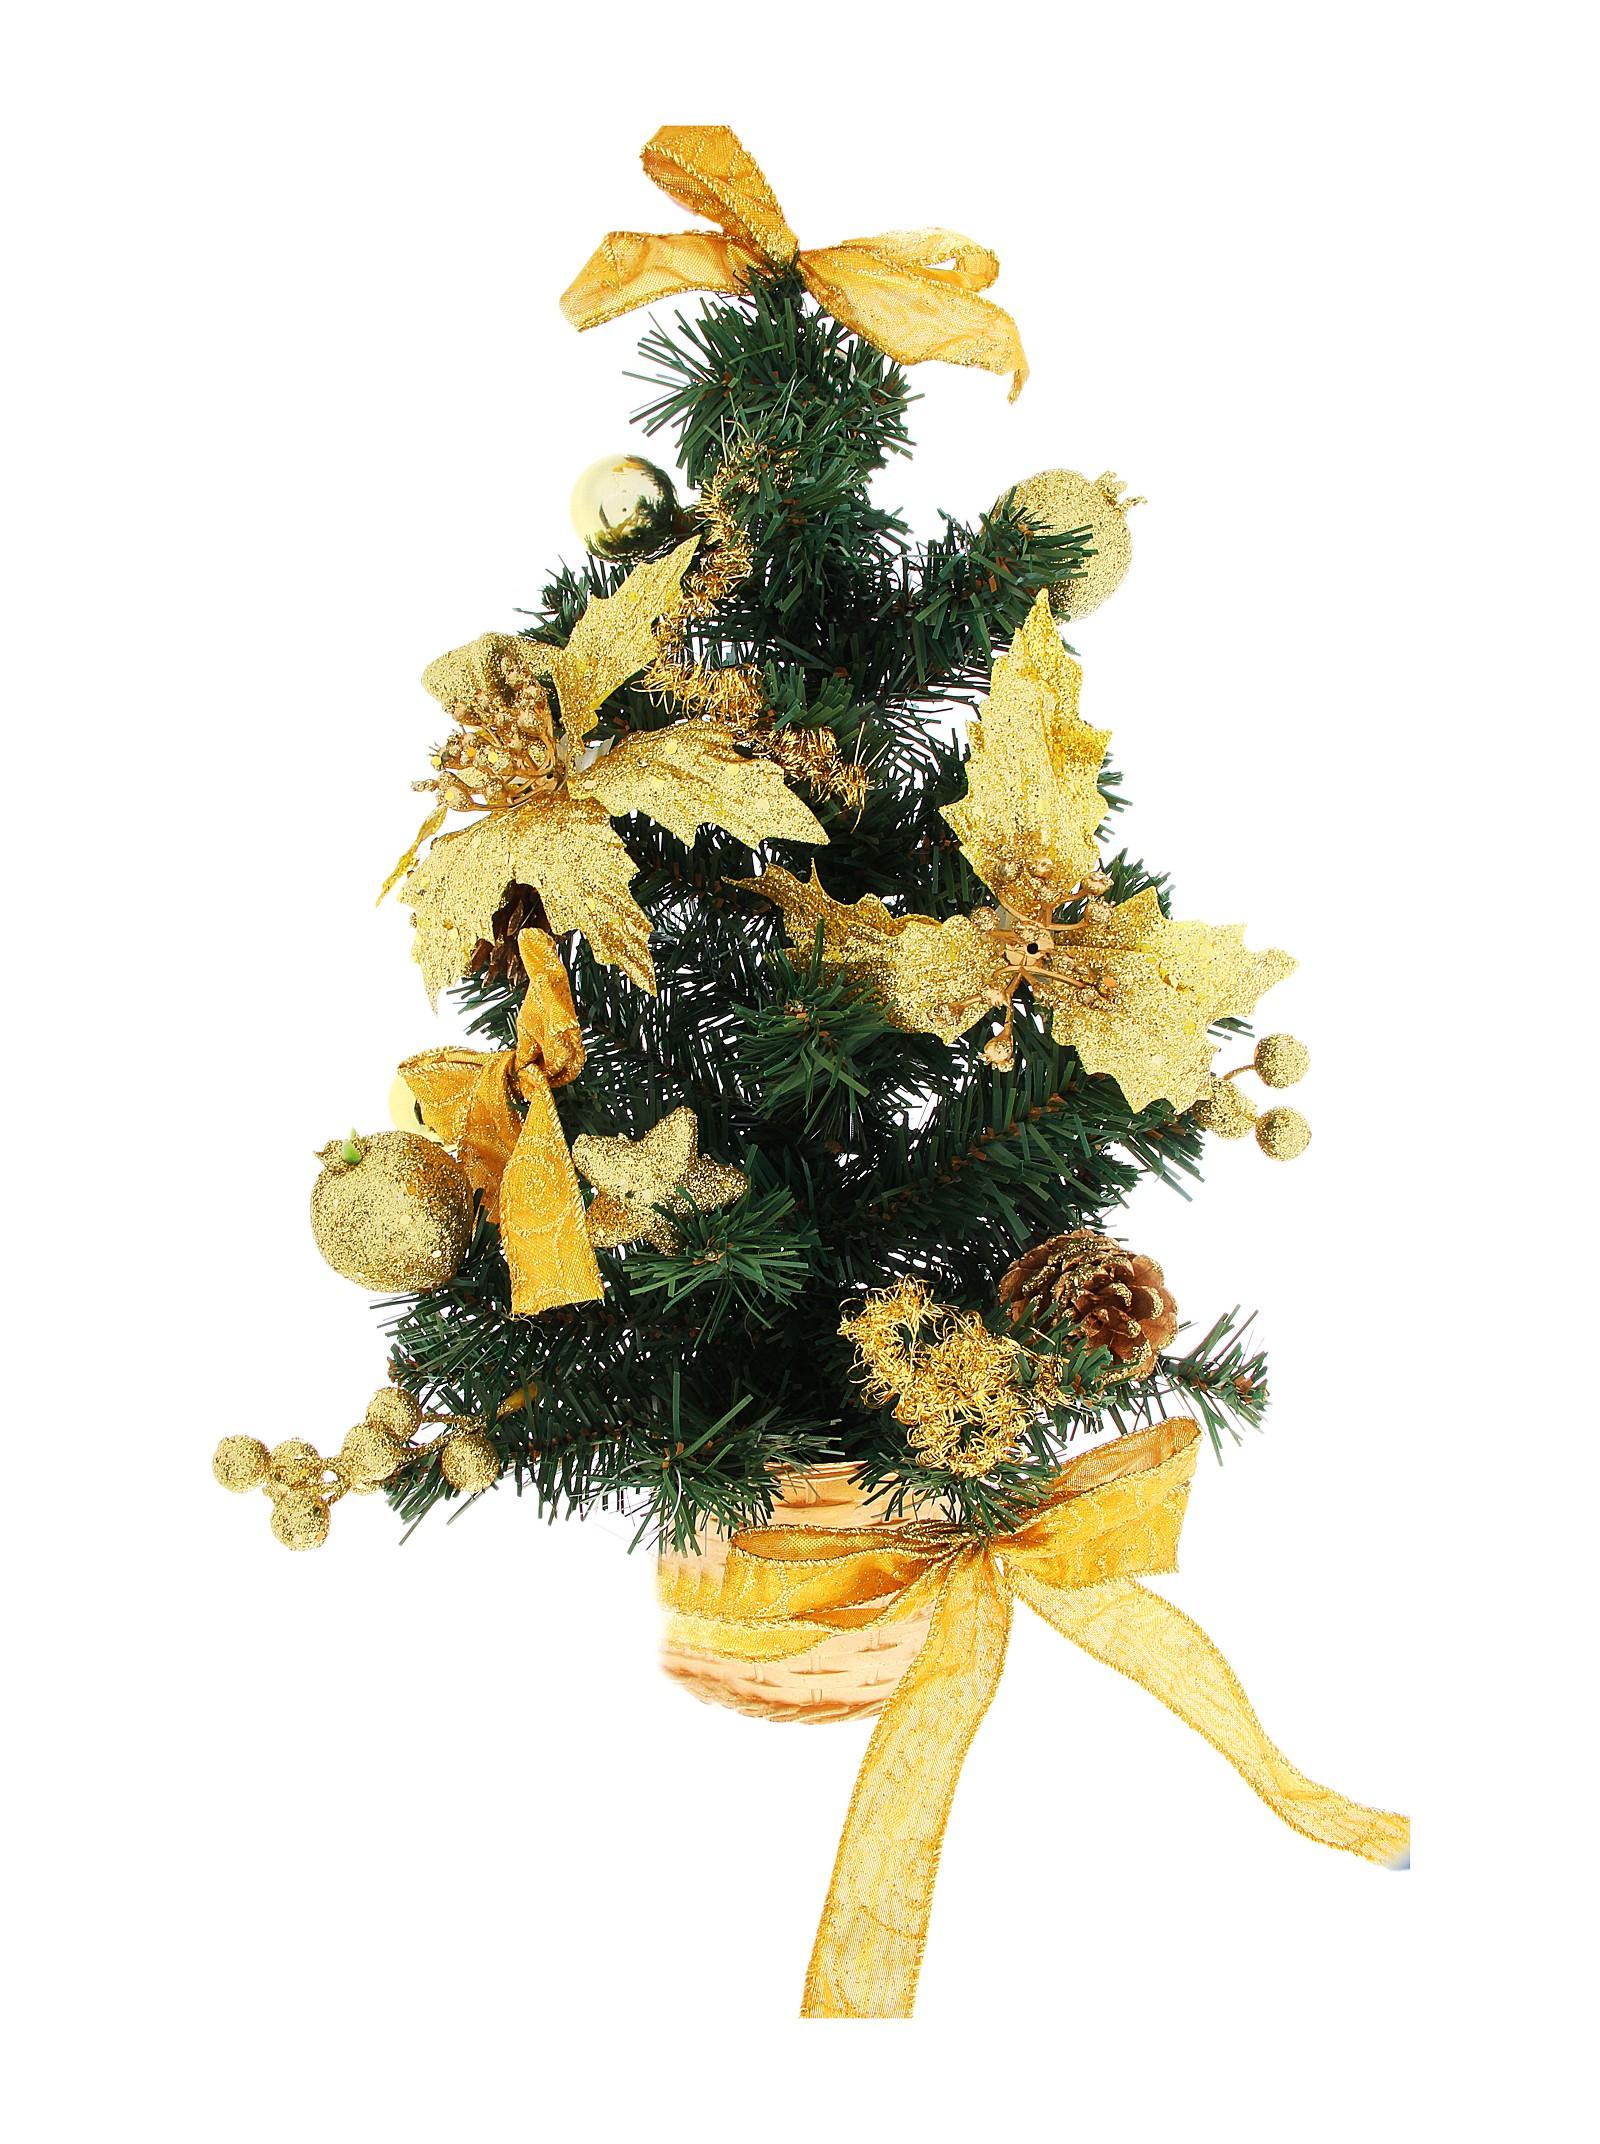 Декоративное украшение Новогодняя елочка. 717986145-109Оригинальный дизайн новогодней елки притягивает к себе восторженные взгляды. Елка настенная украшена золотистыми шишками, блестящими лентами, ягодами, шариками и цветами. Елка украсит интерьер вашего дома или офиса к Новому году и создаст теплую и уютную атмосферу праздника.Откройте для себя удивительный мир сказок и грез. Почувствуйте волшебные минуты ожидания праздника, создайте новогоднее настроение вашим дорогим и близким. Характеристики: Материал:пластик. Высота елки:45 см. Изготовитель:Китай. Артикул:717986.